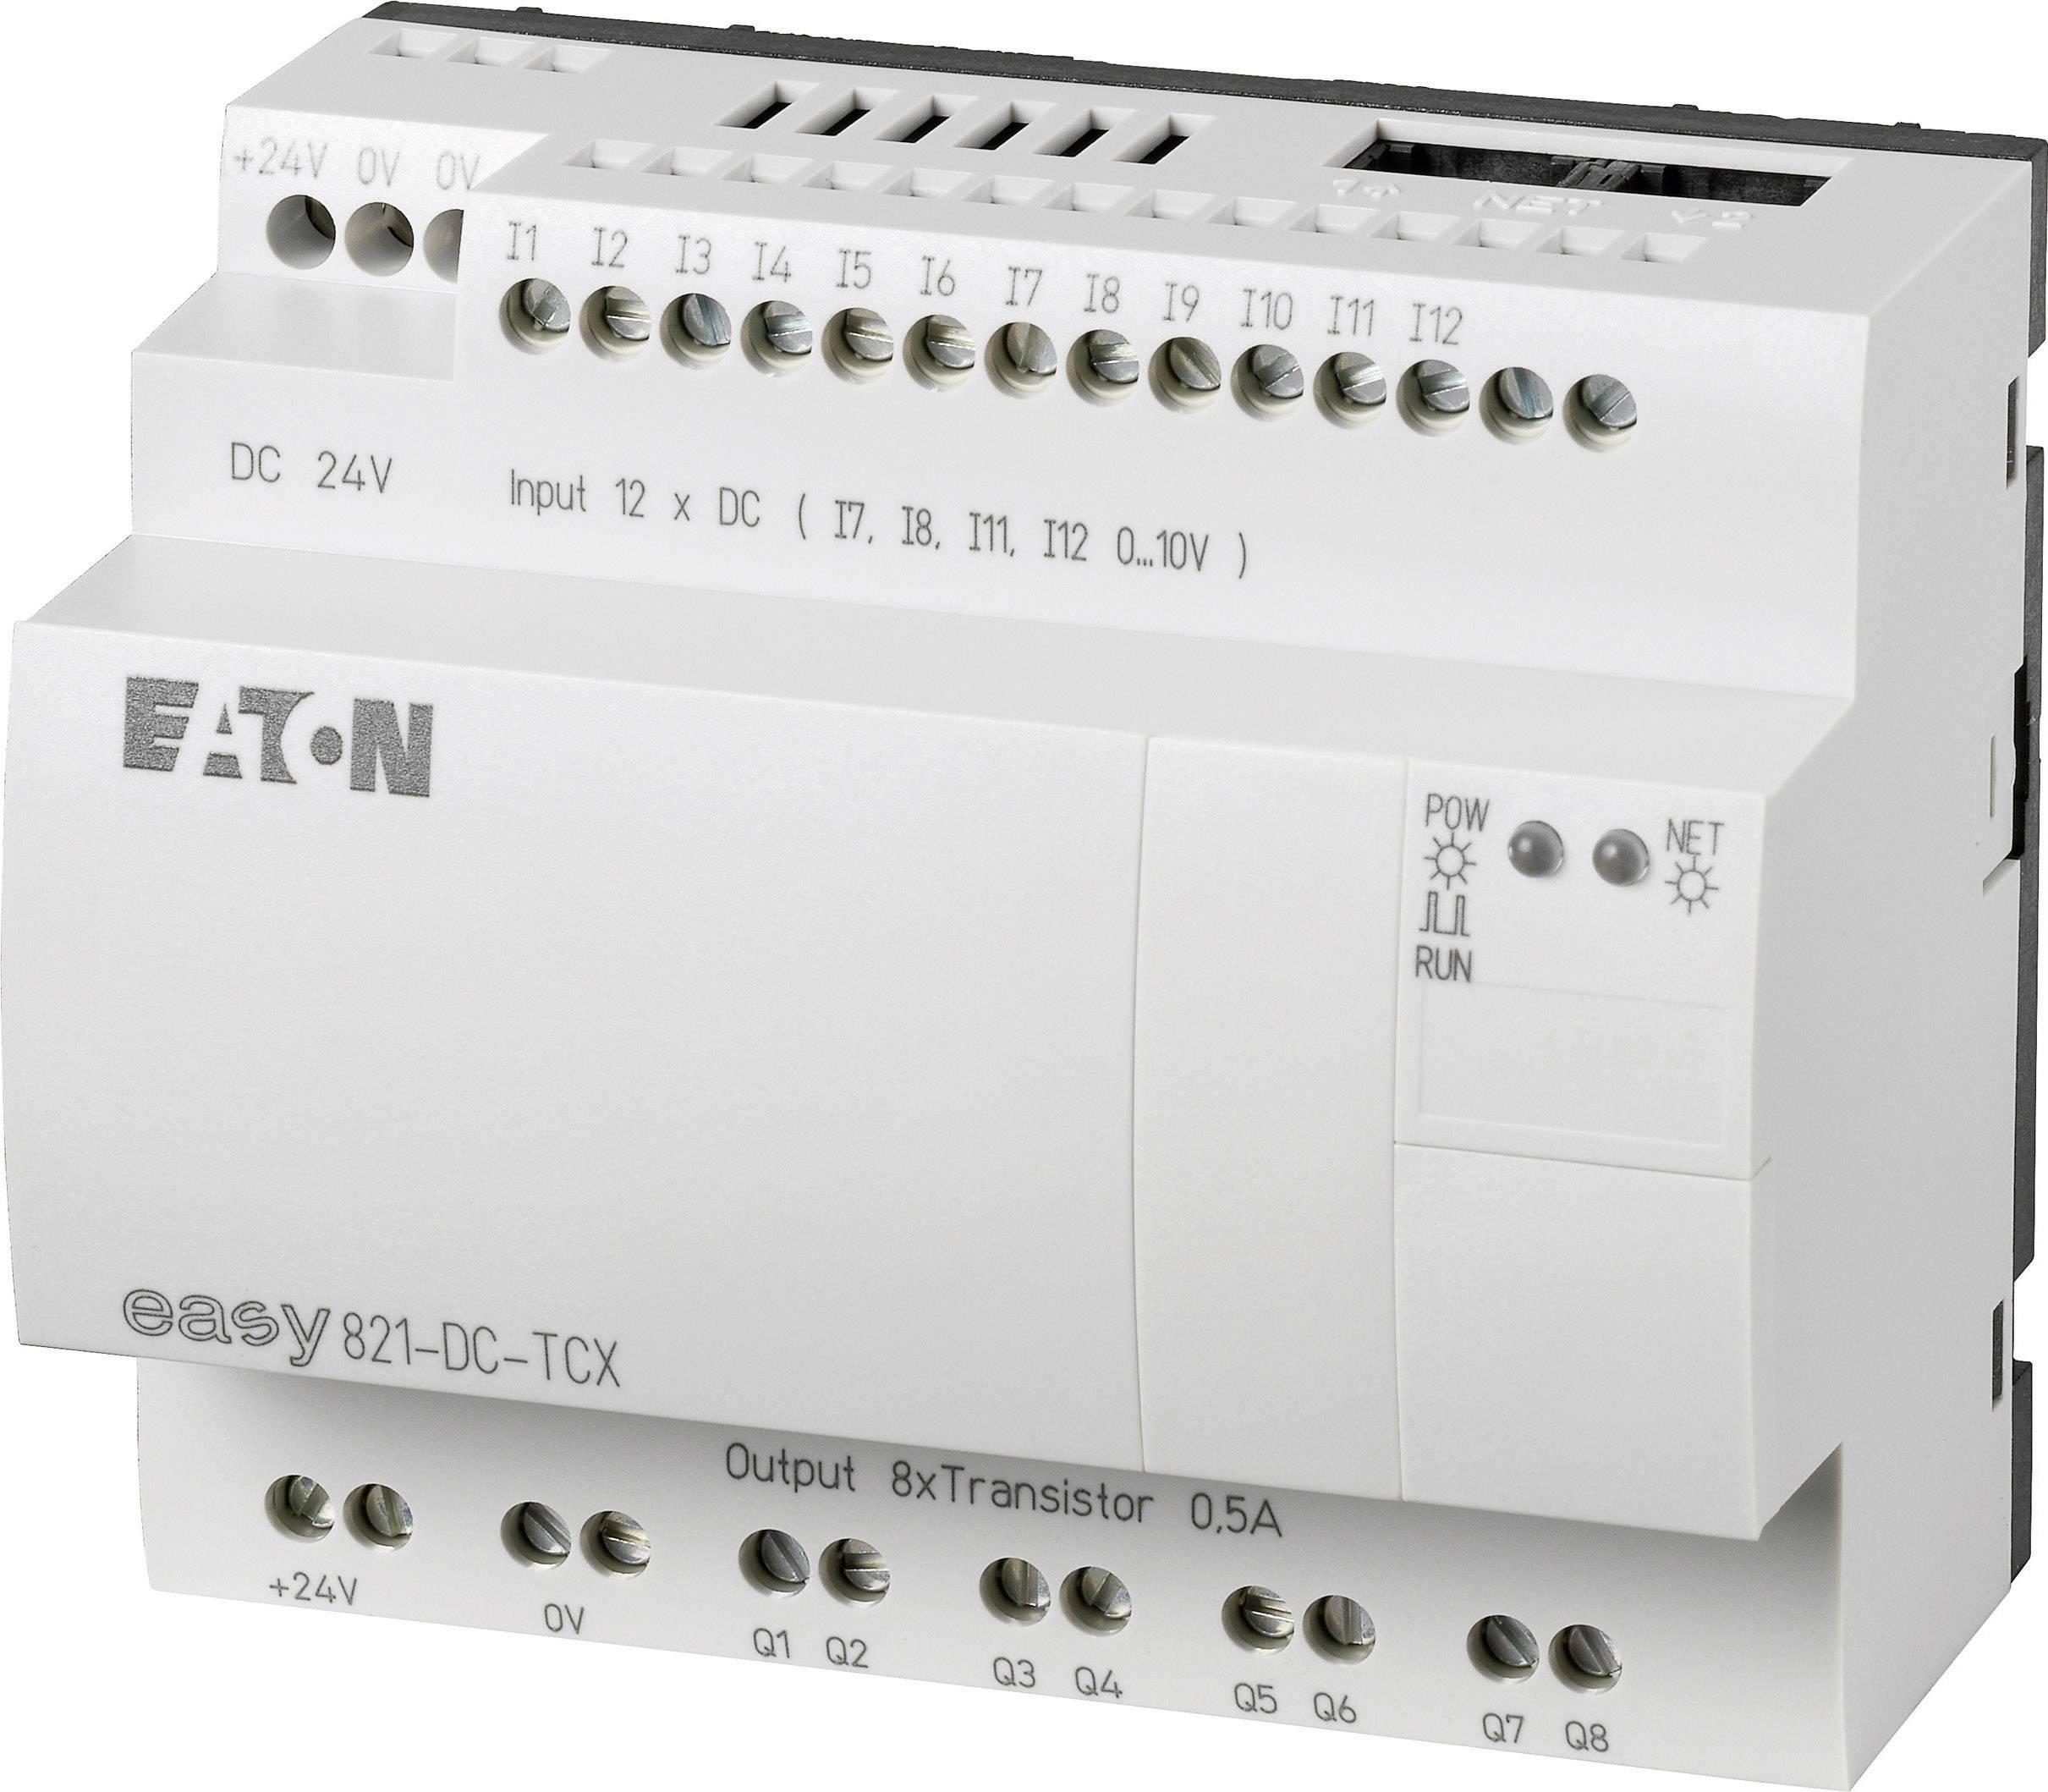 Riadiacimodul Eaton easy 821-DC-TCX 256274, 24 V/DC